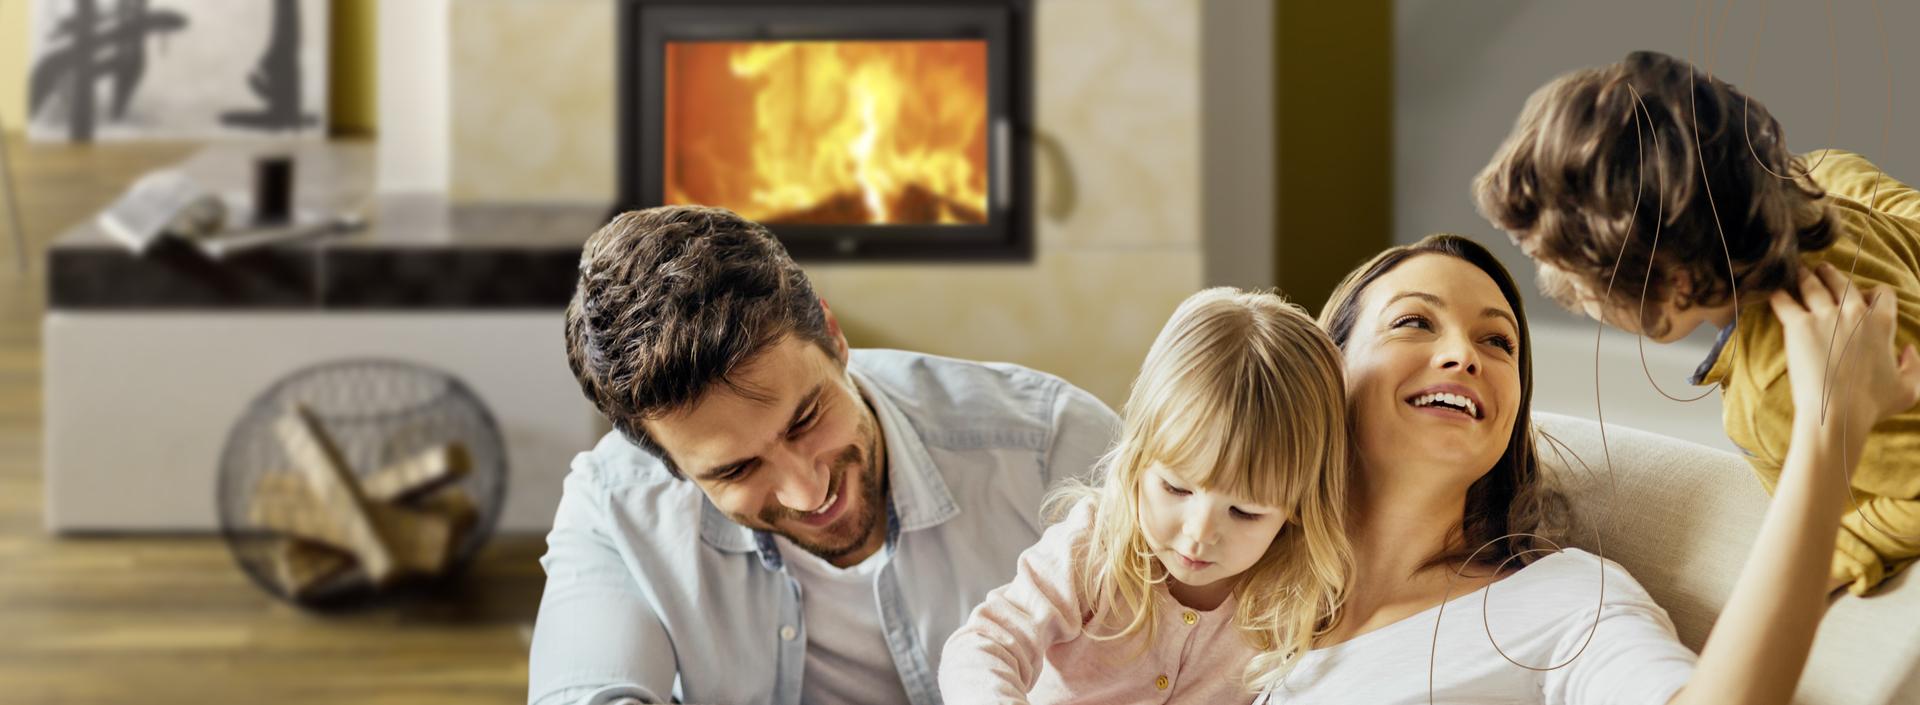 Heizkamine, Kachelöfen und Kaminöfen sind eine natürliche Wärmequelle.